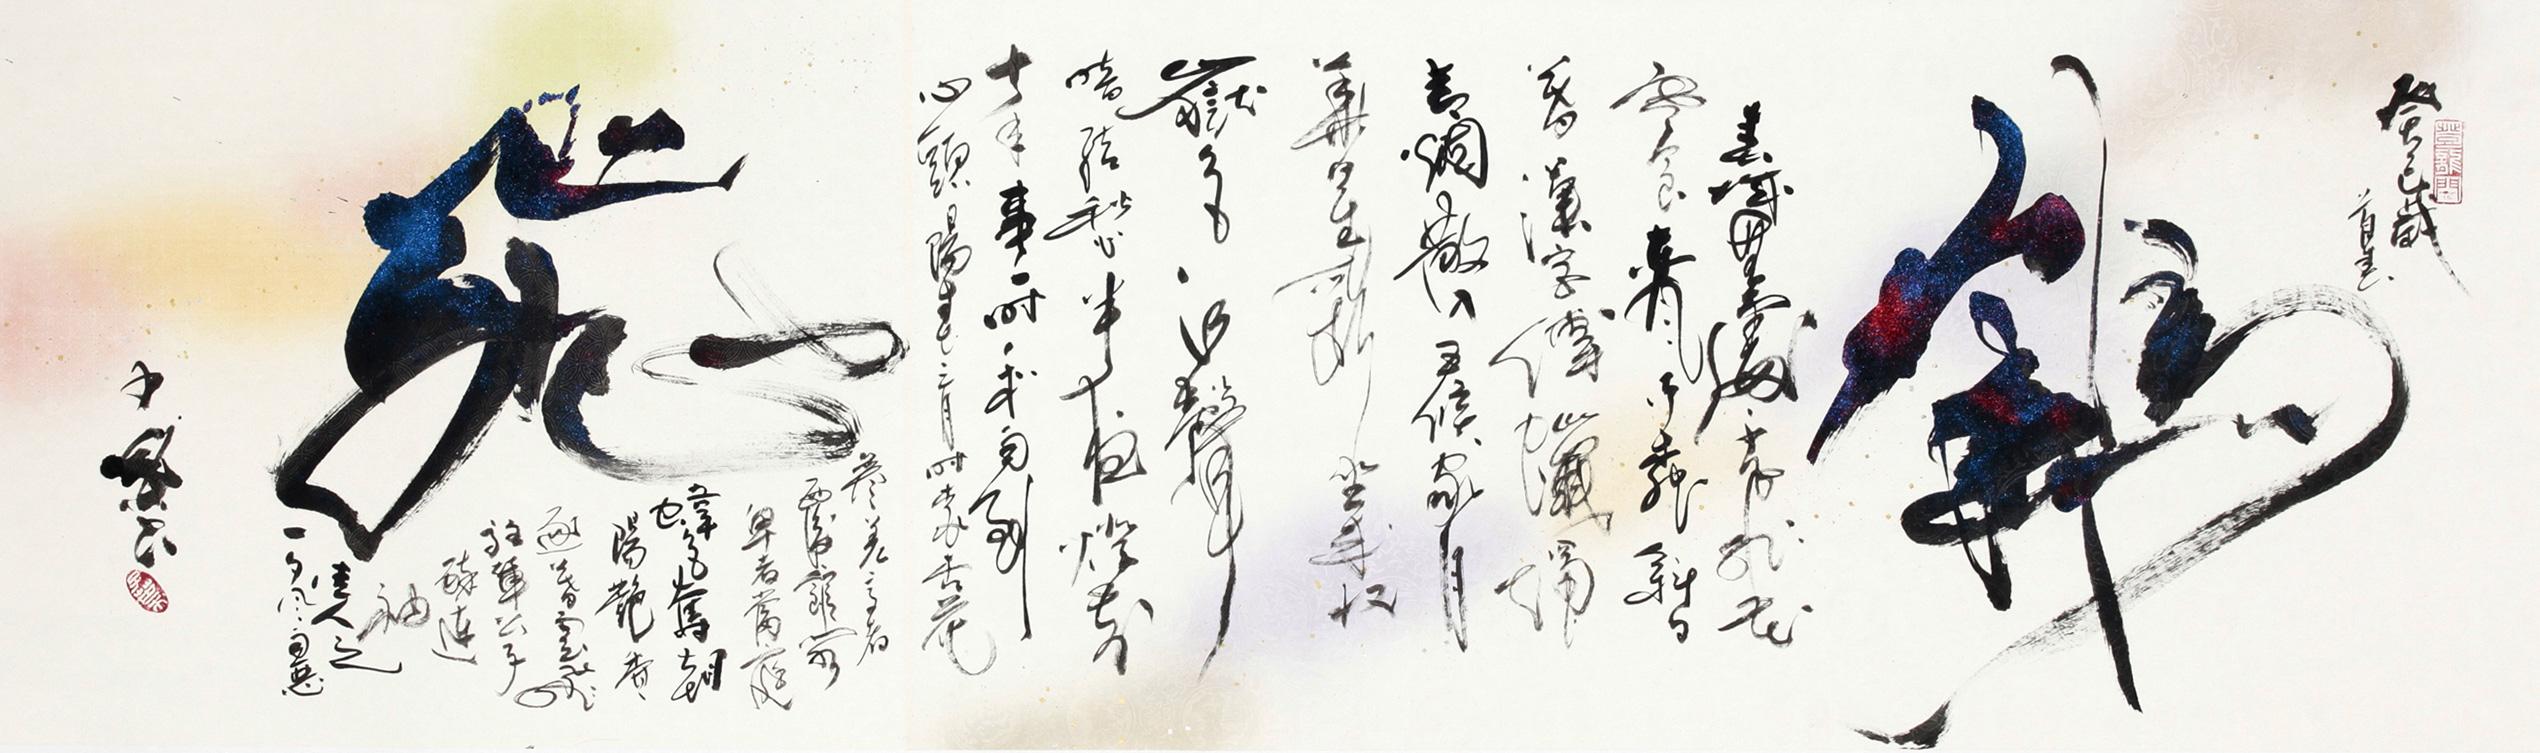 第30回記念産経国際書展出品作品「鶴飛